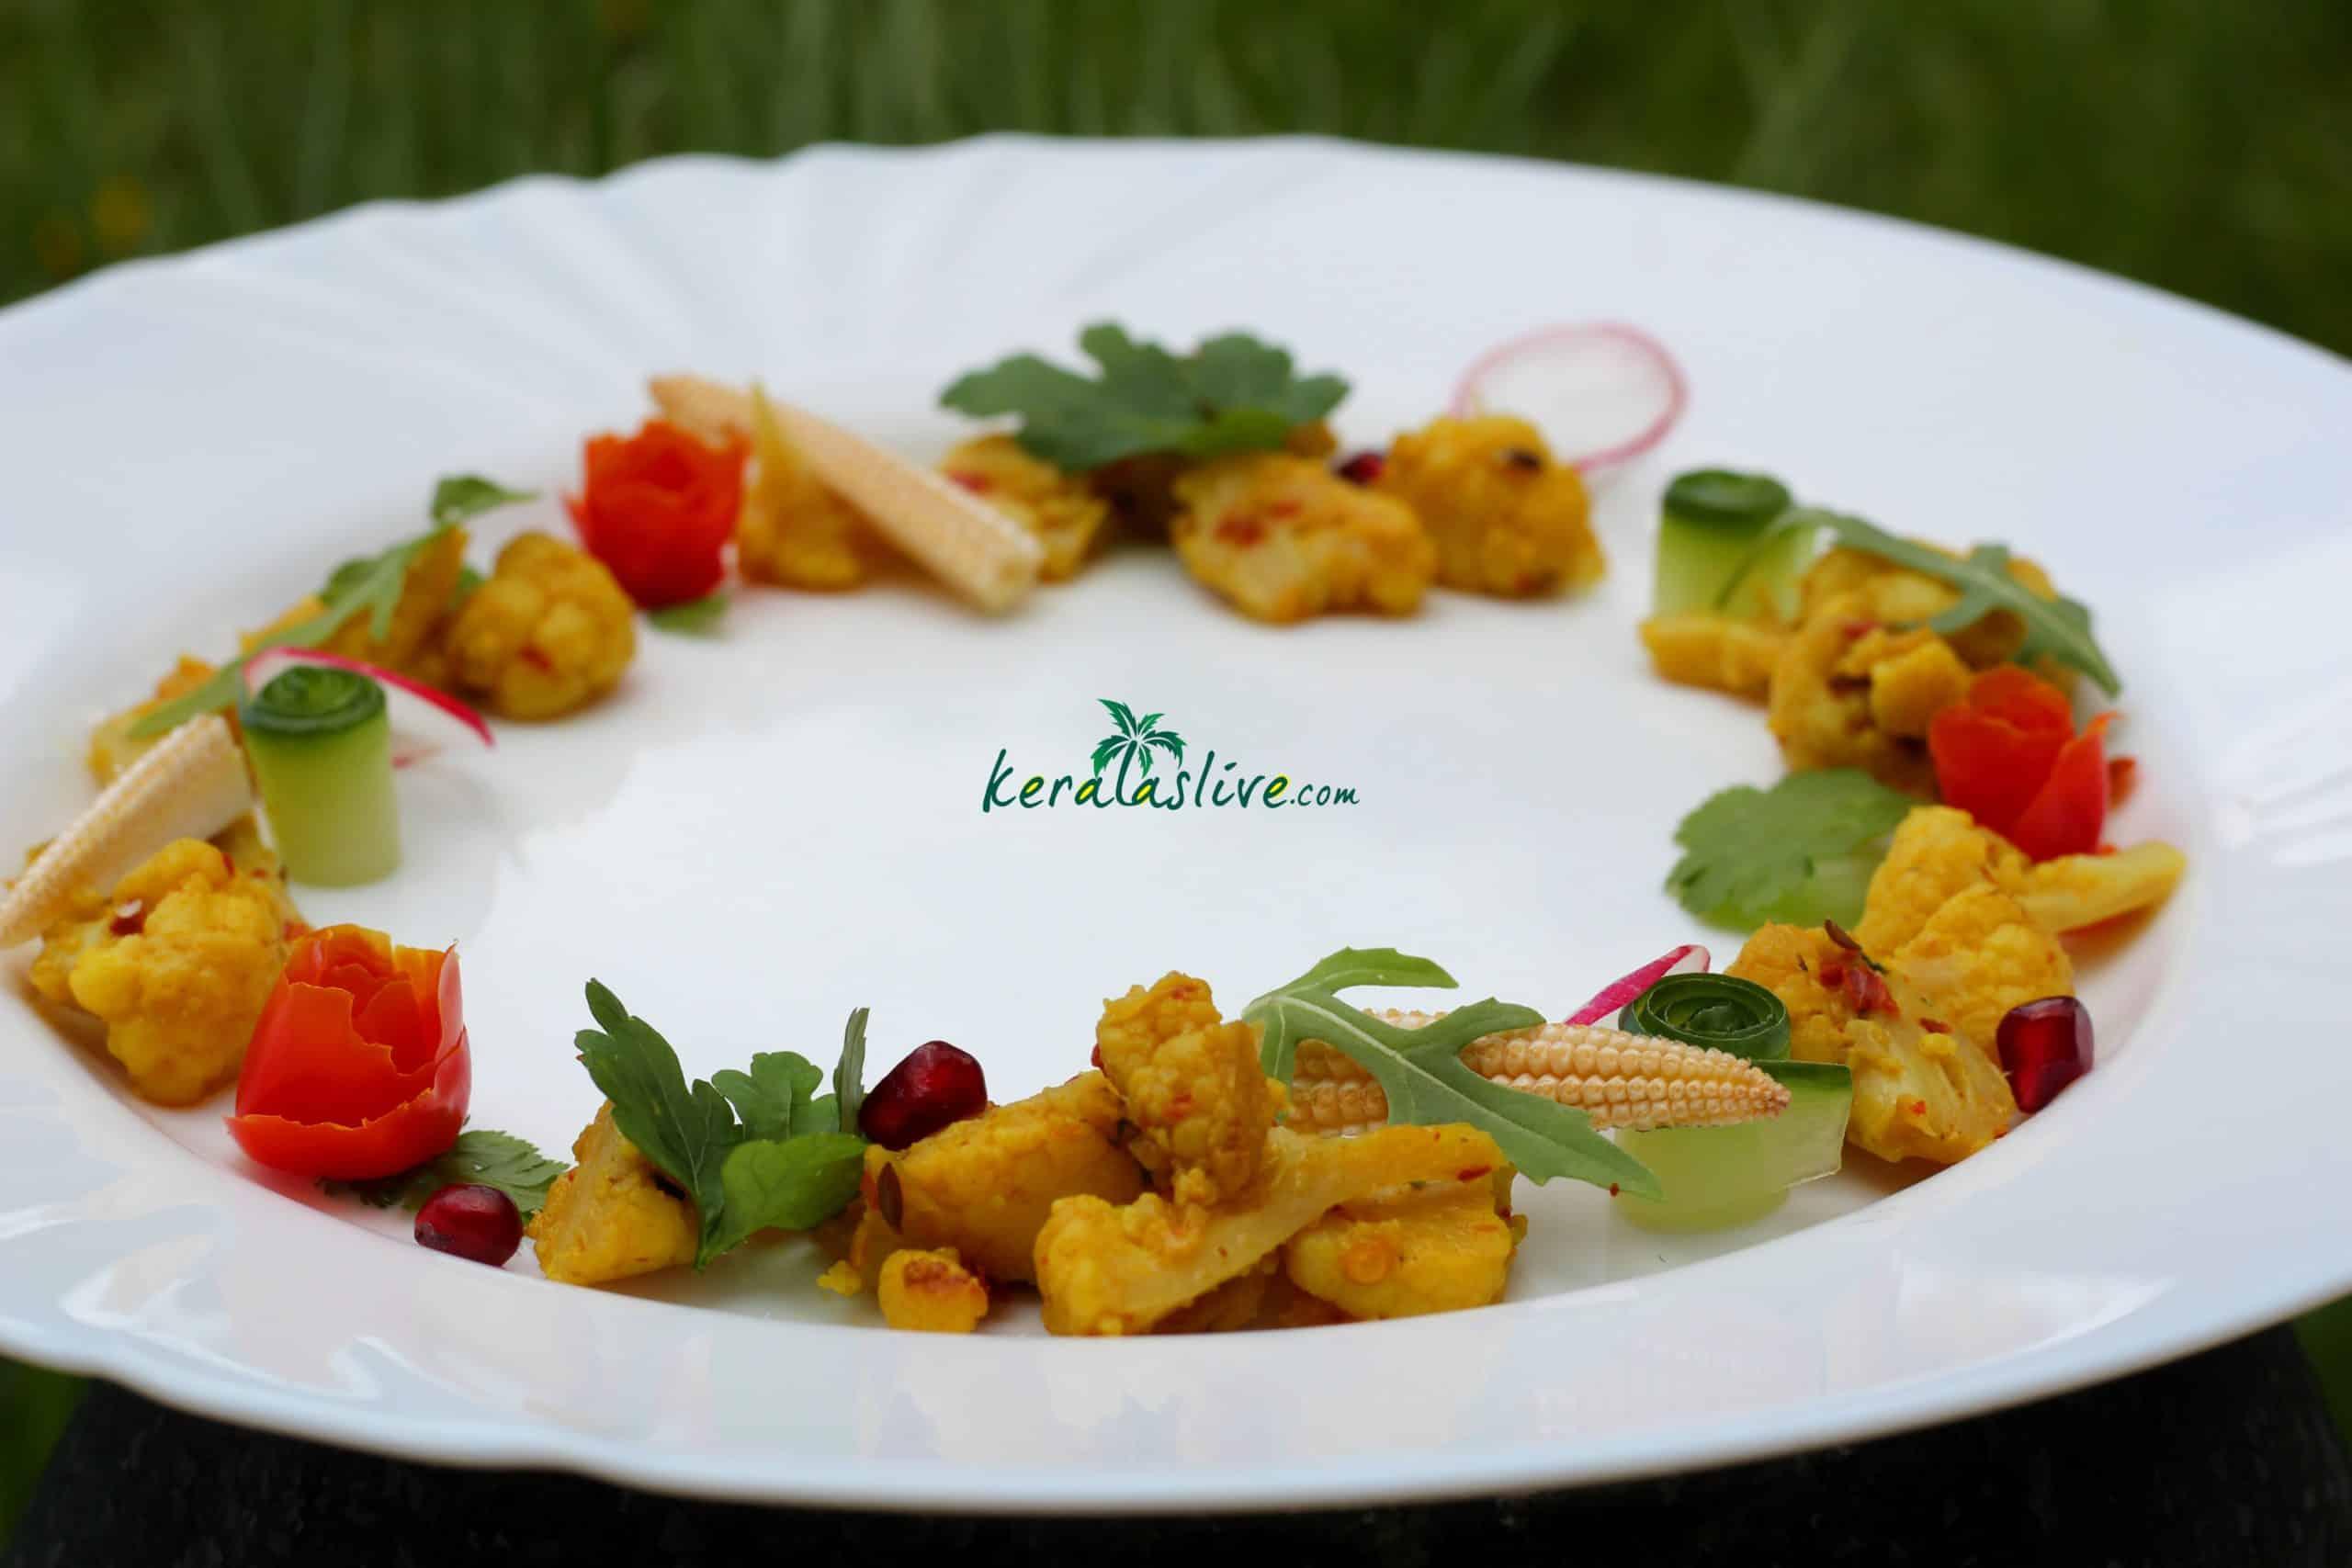 Cauliflower poriyal / Spiced cauliflower stir fry recipe